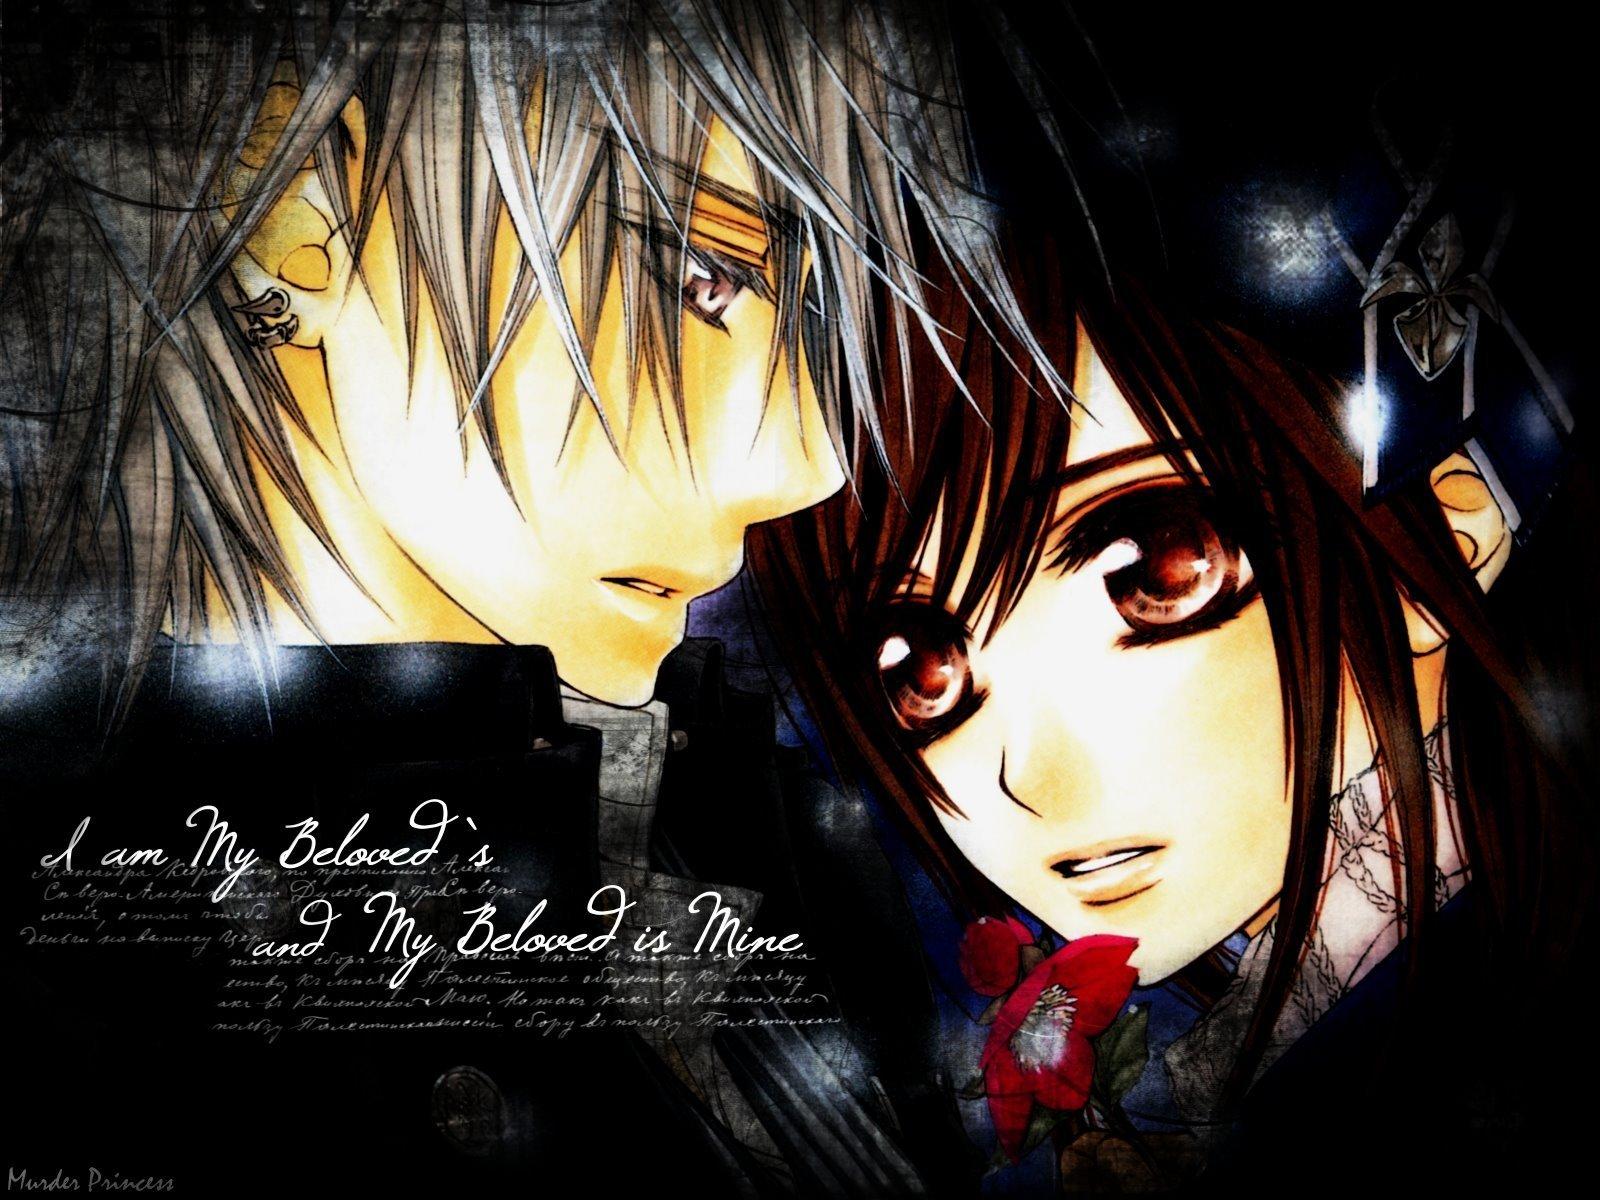 Yuki x Zero  Vampire Knight AMV  YouTube